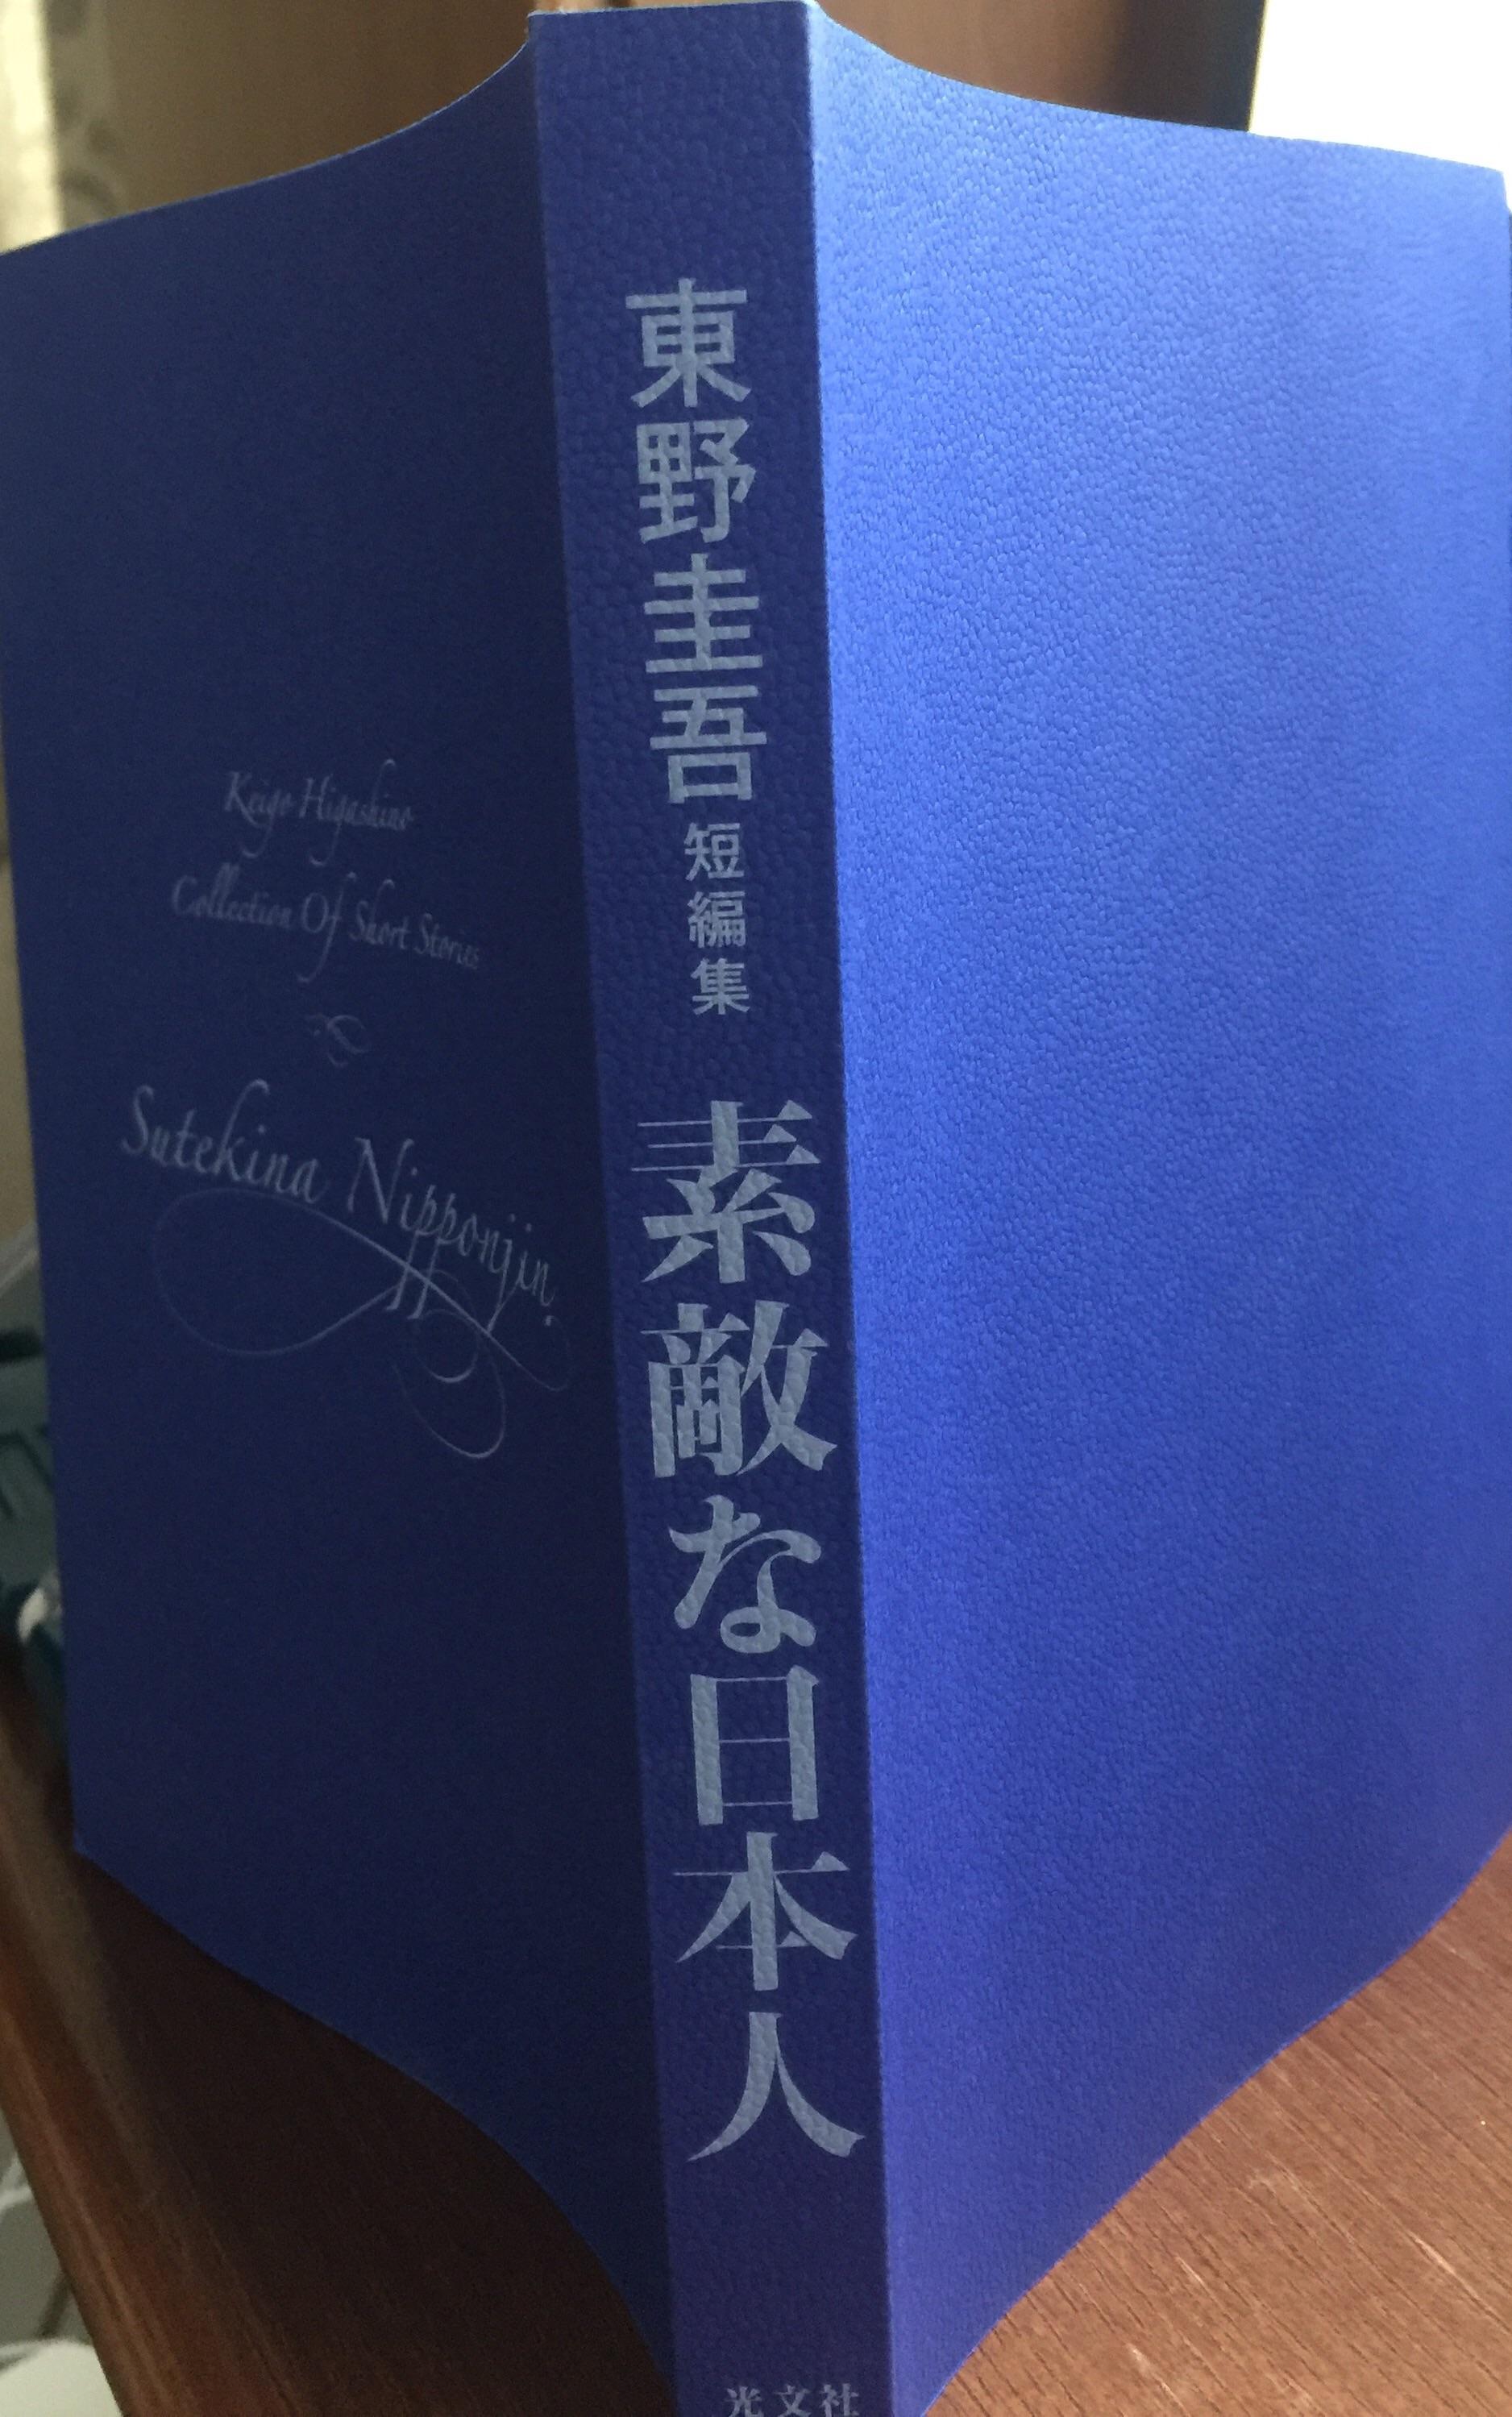 『素敵な日本人』 感想 東野圭吾